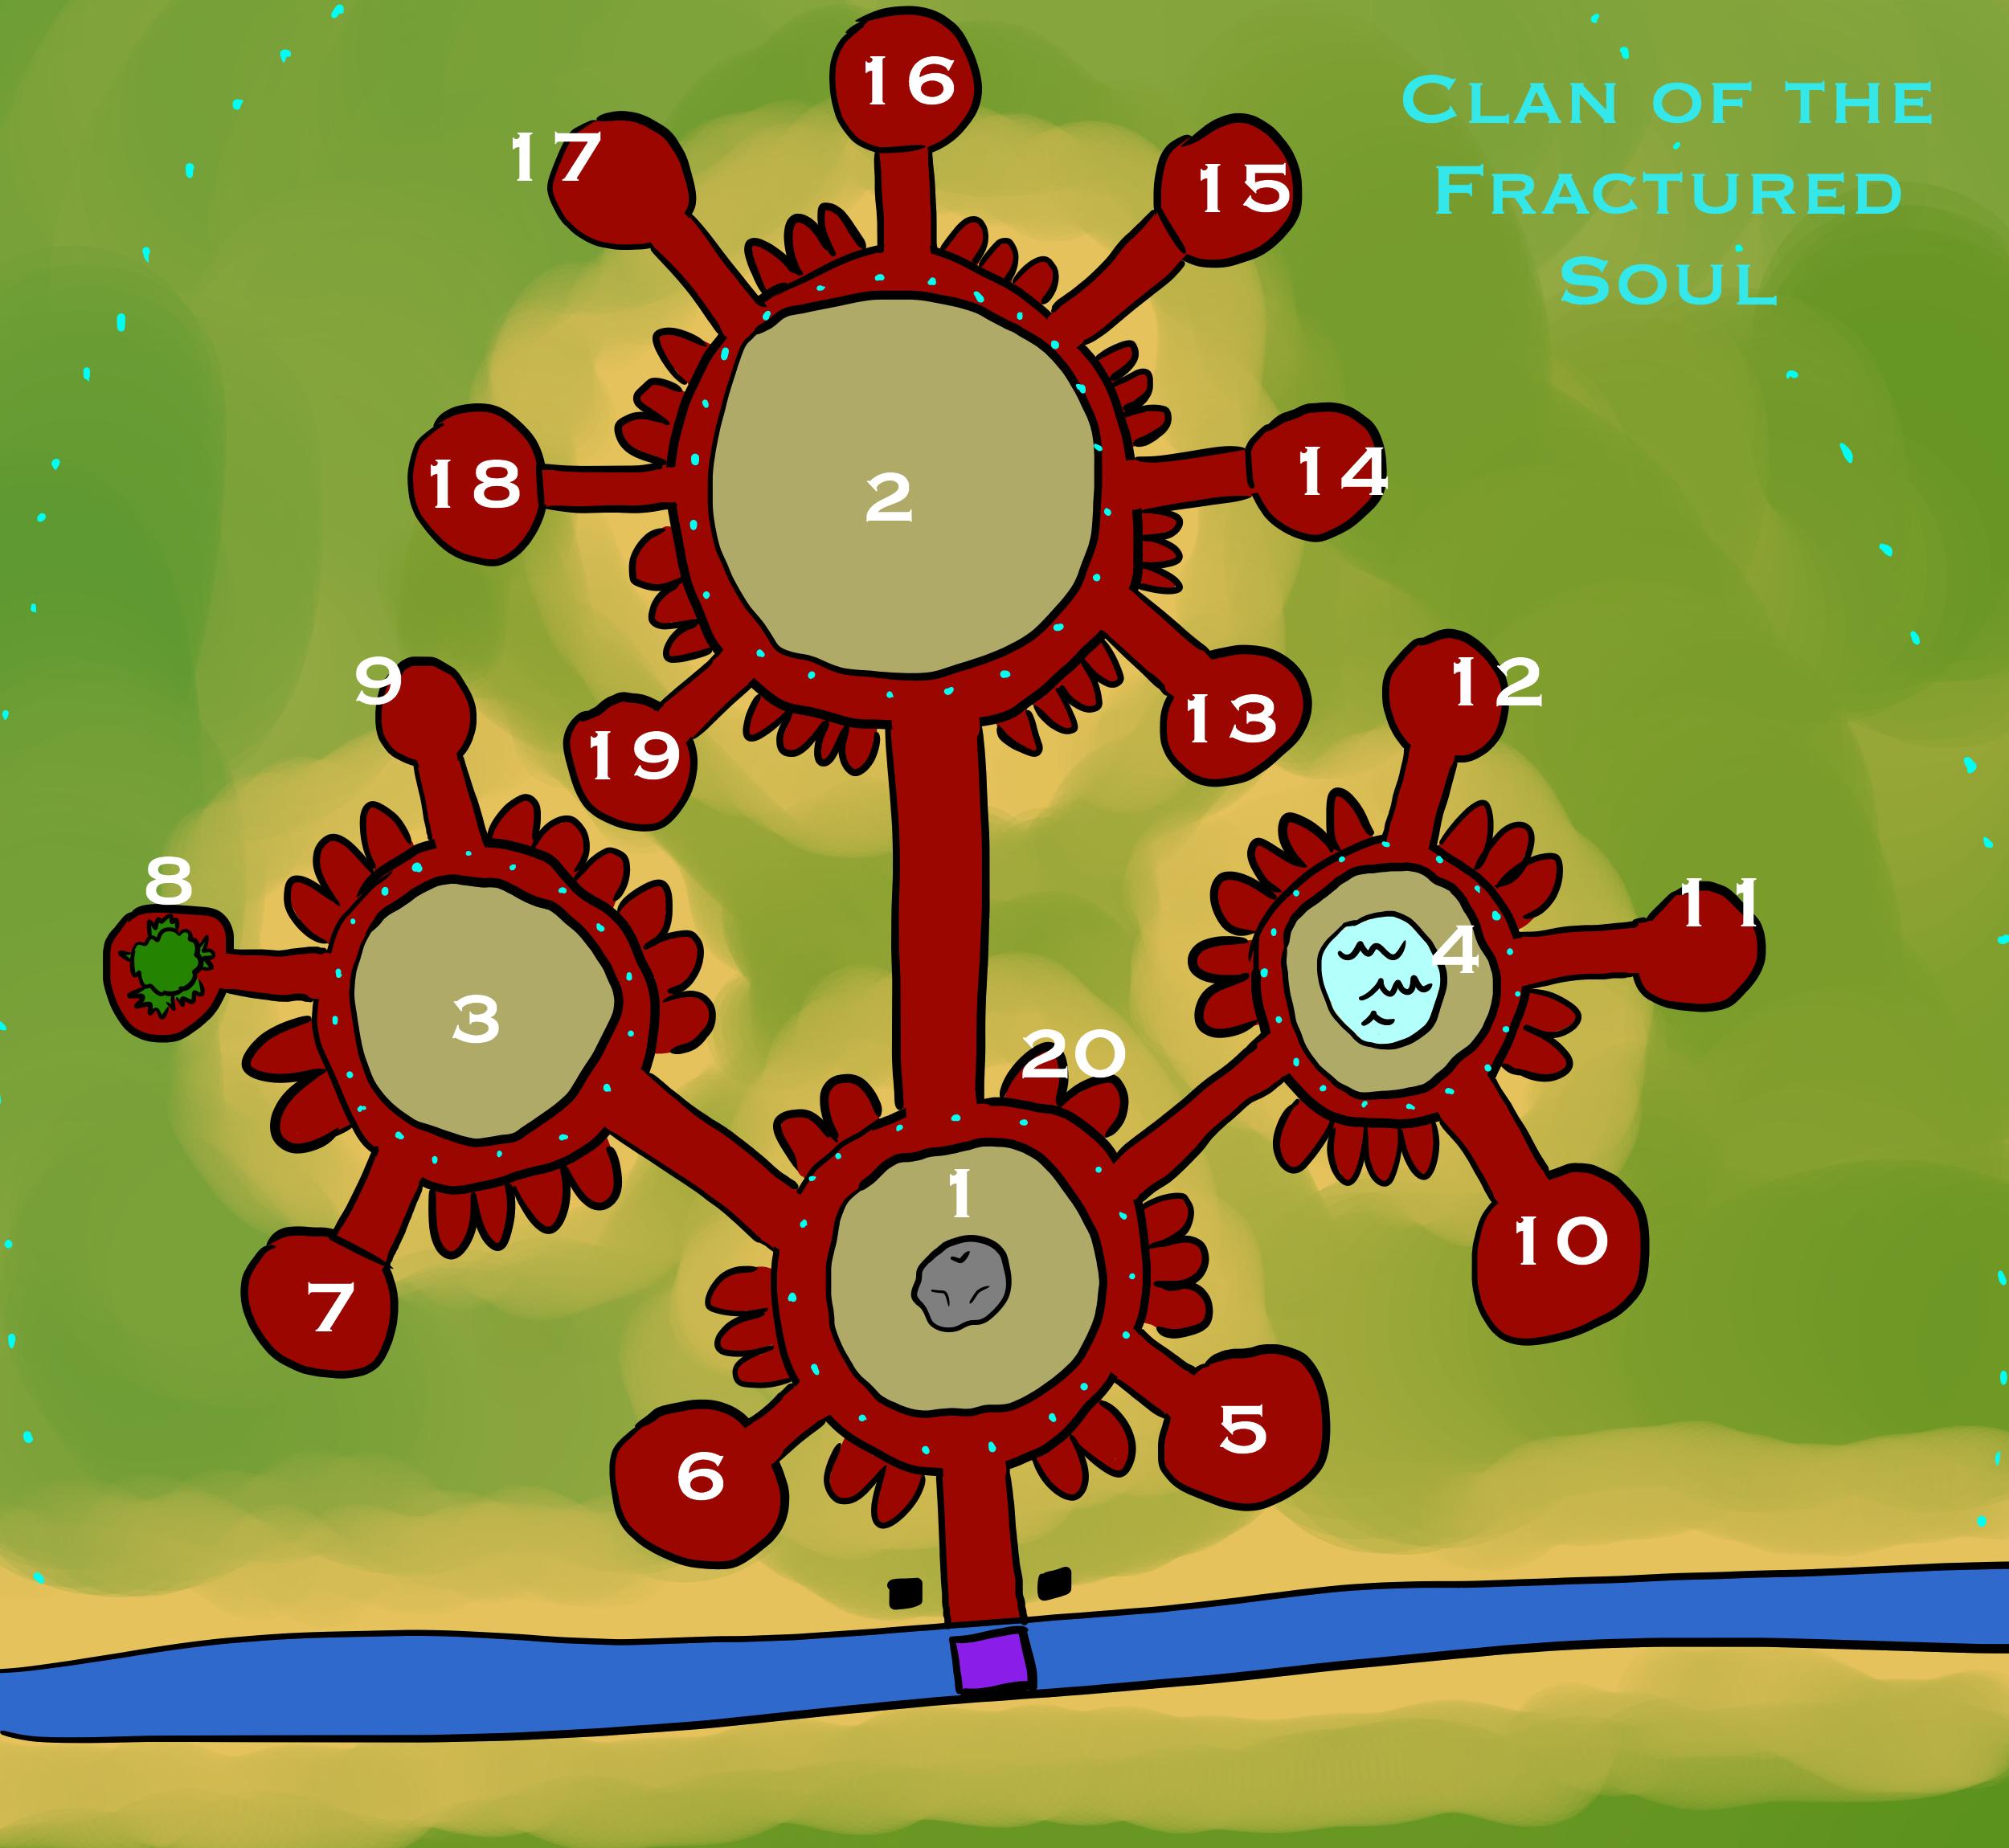 Clan-map.png